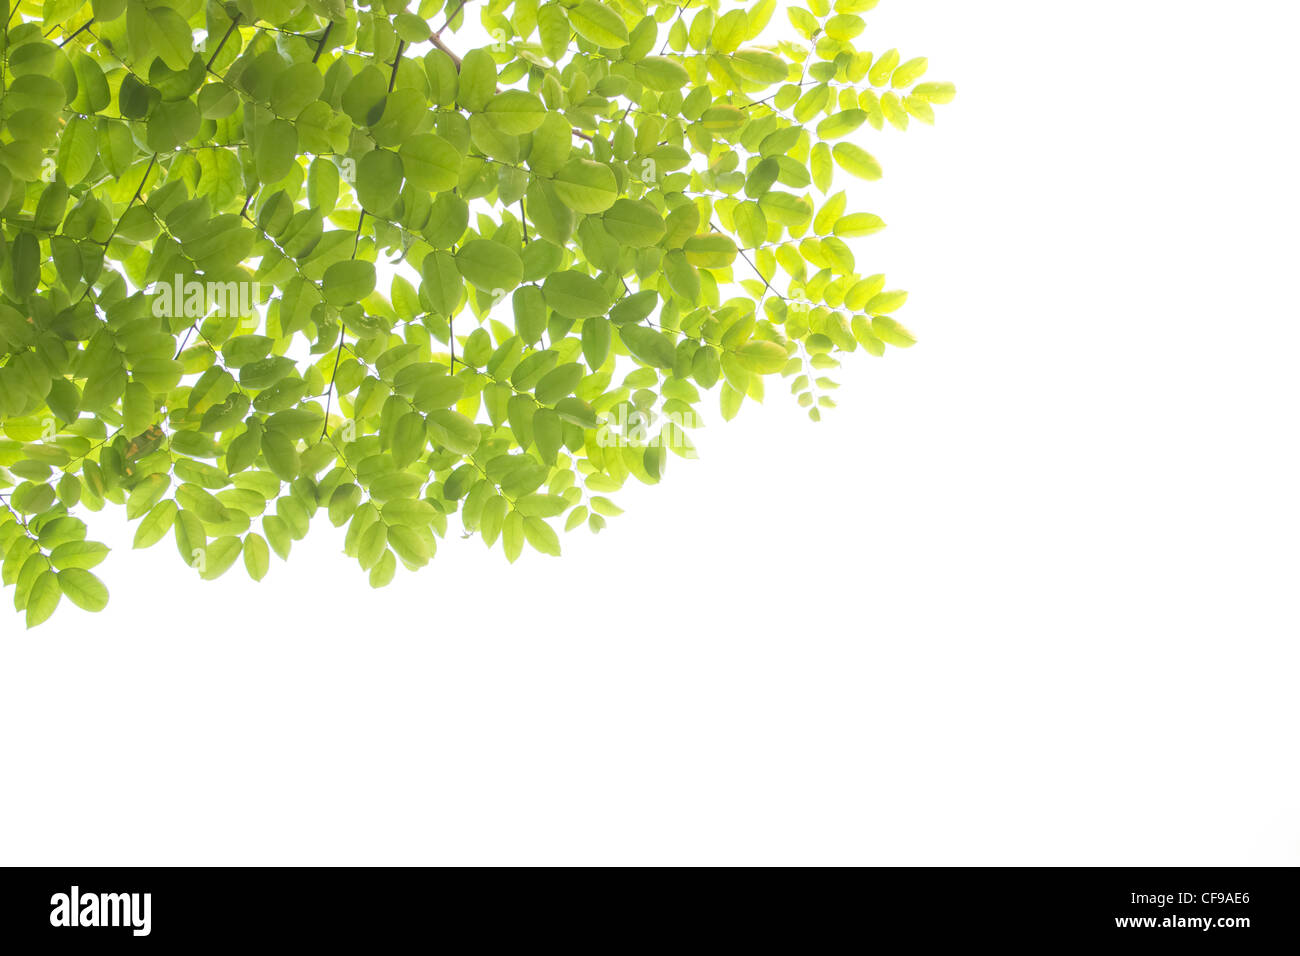 grünes Blatt weißen Hintergrund Stockbild